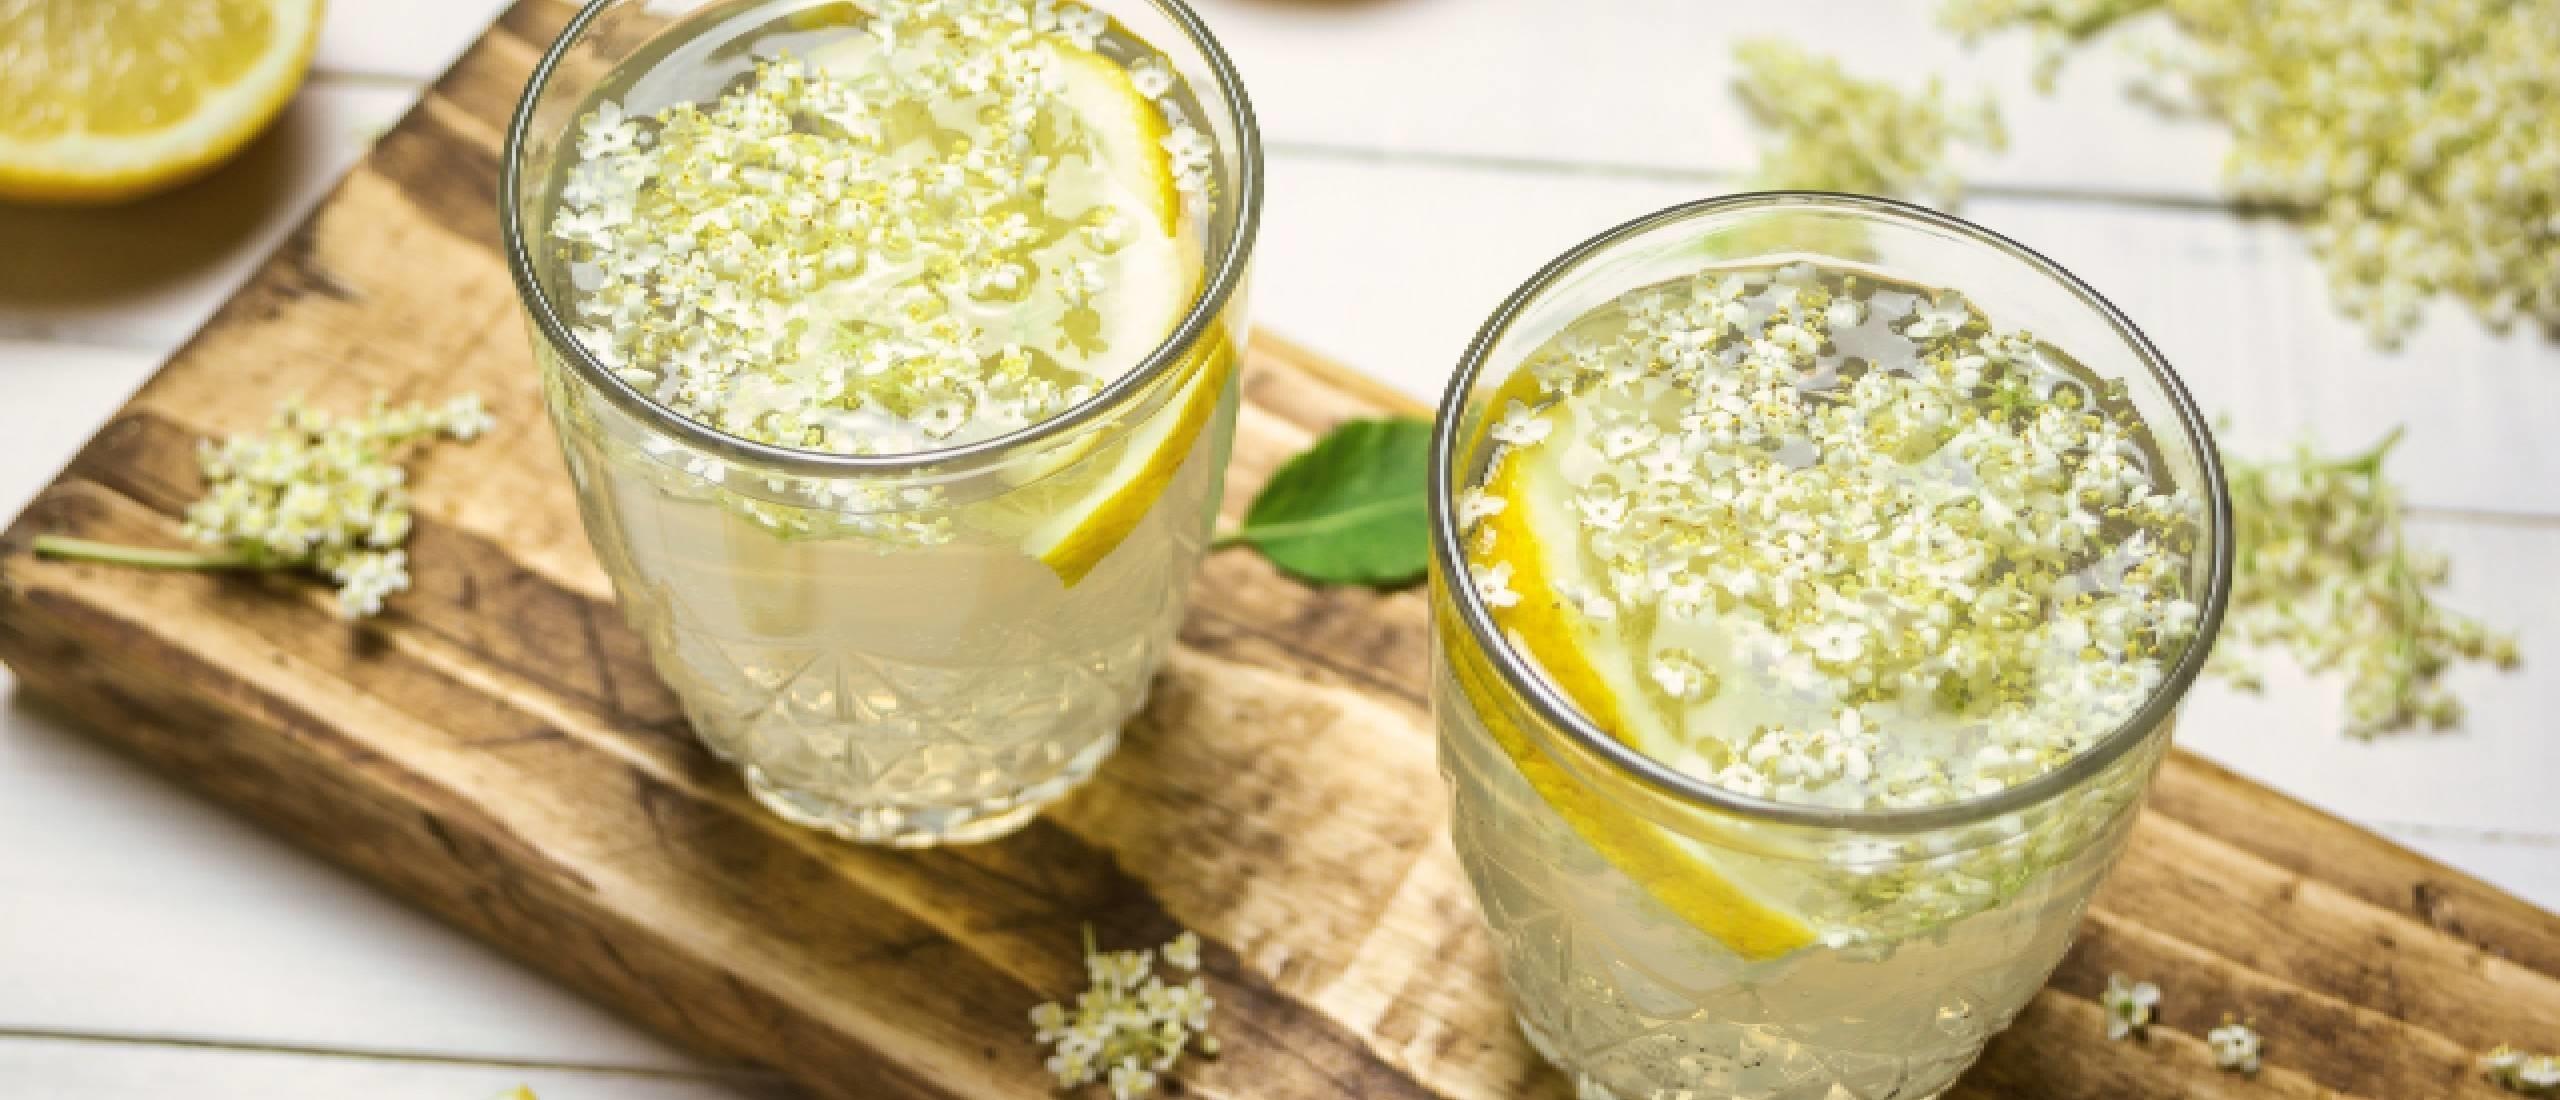 Vlieronade: het zomerdrankje dat je moet proeven!